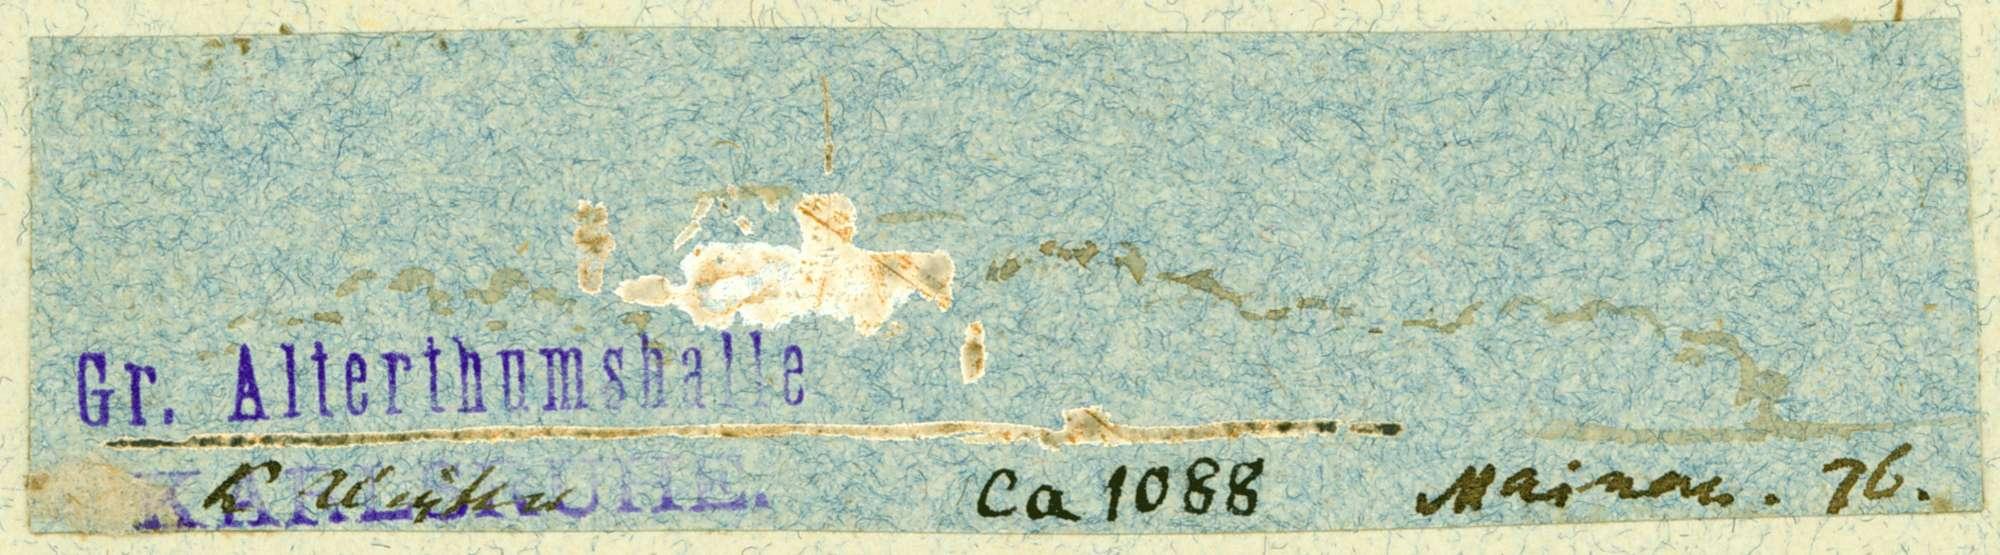 Mainau Blick auf die Insel, Bild 1